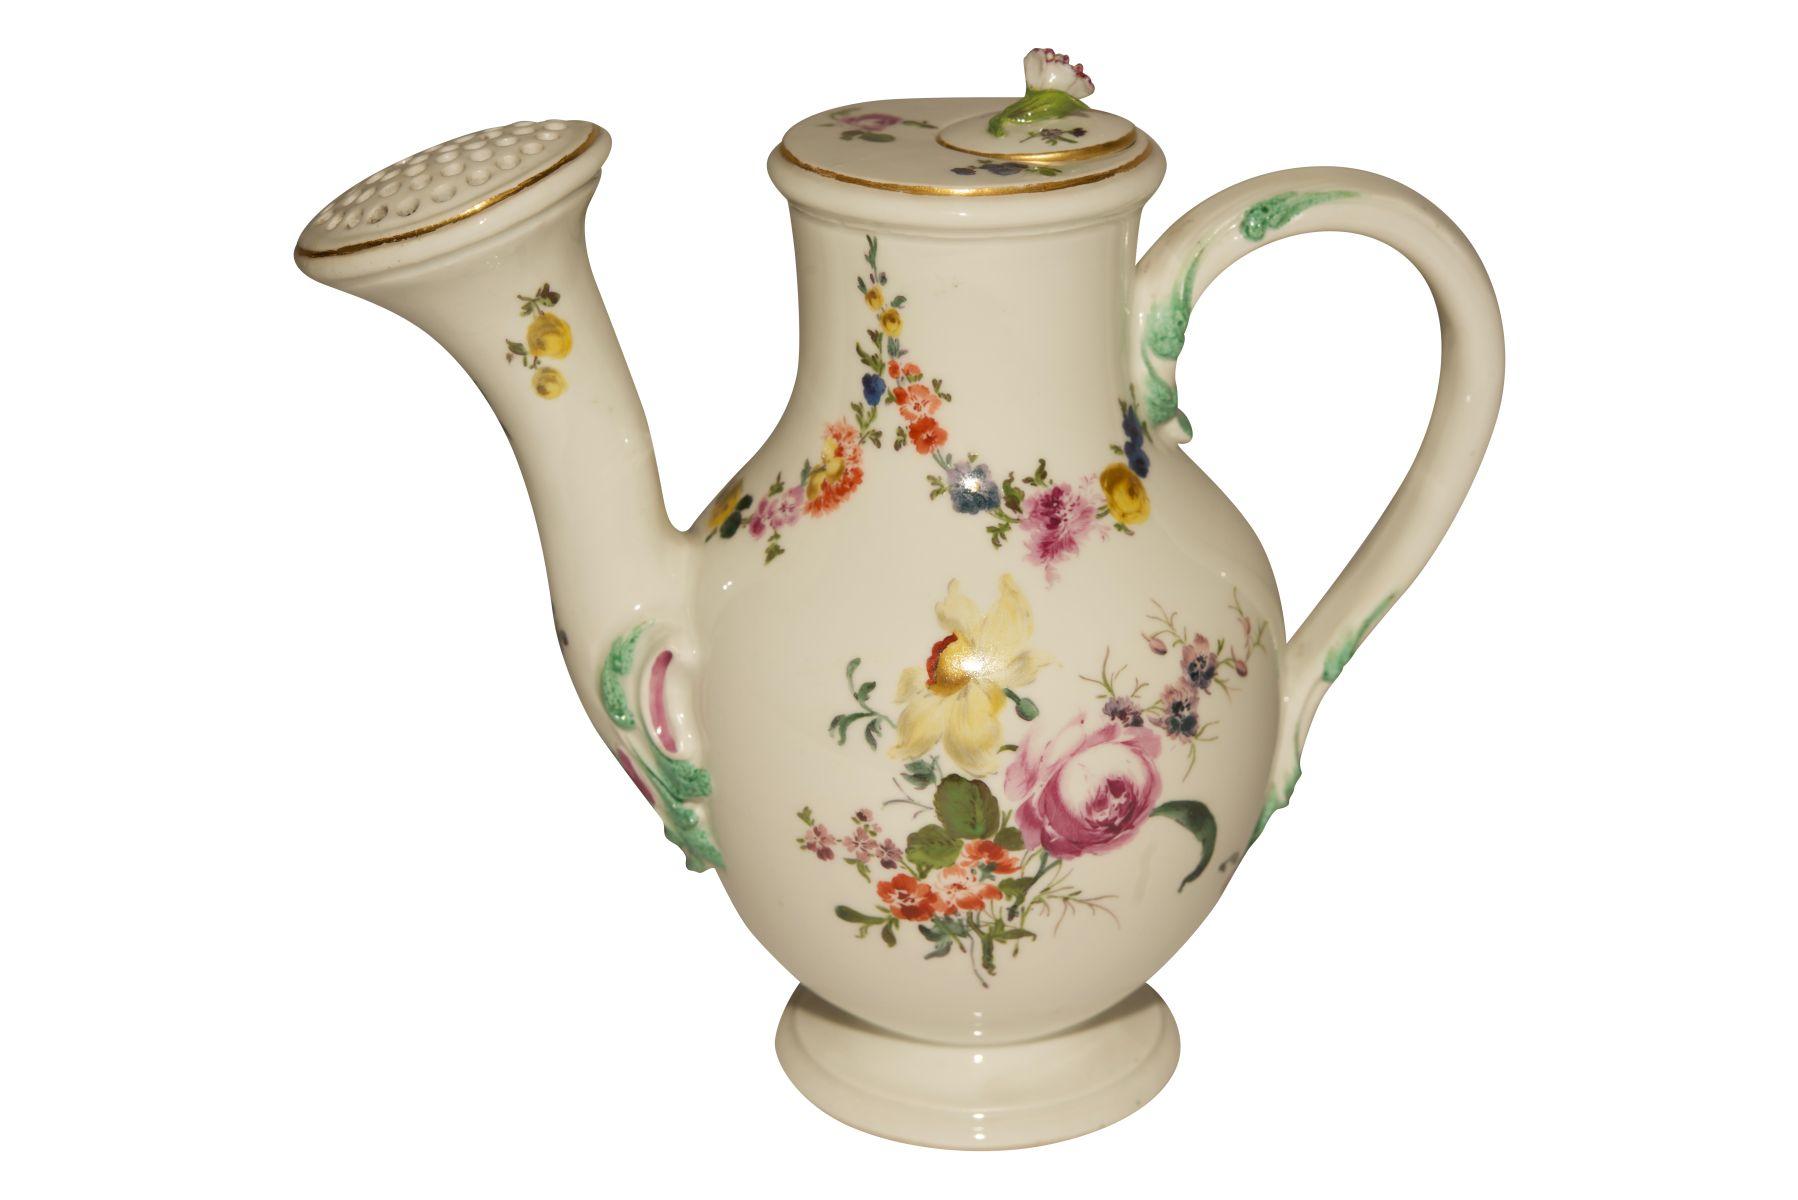 Blumenkannen auf Présentoir Meissen 1730 - Bild 4 aus 8